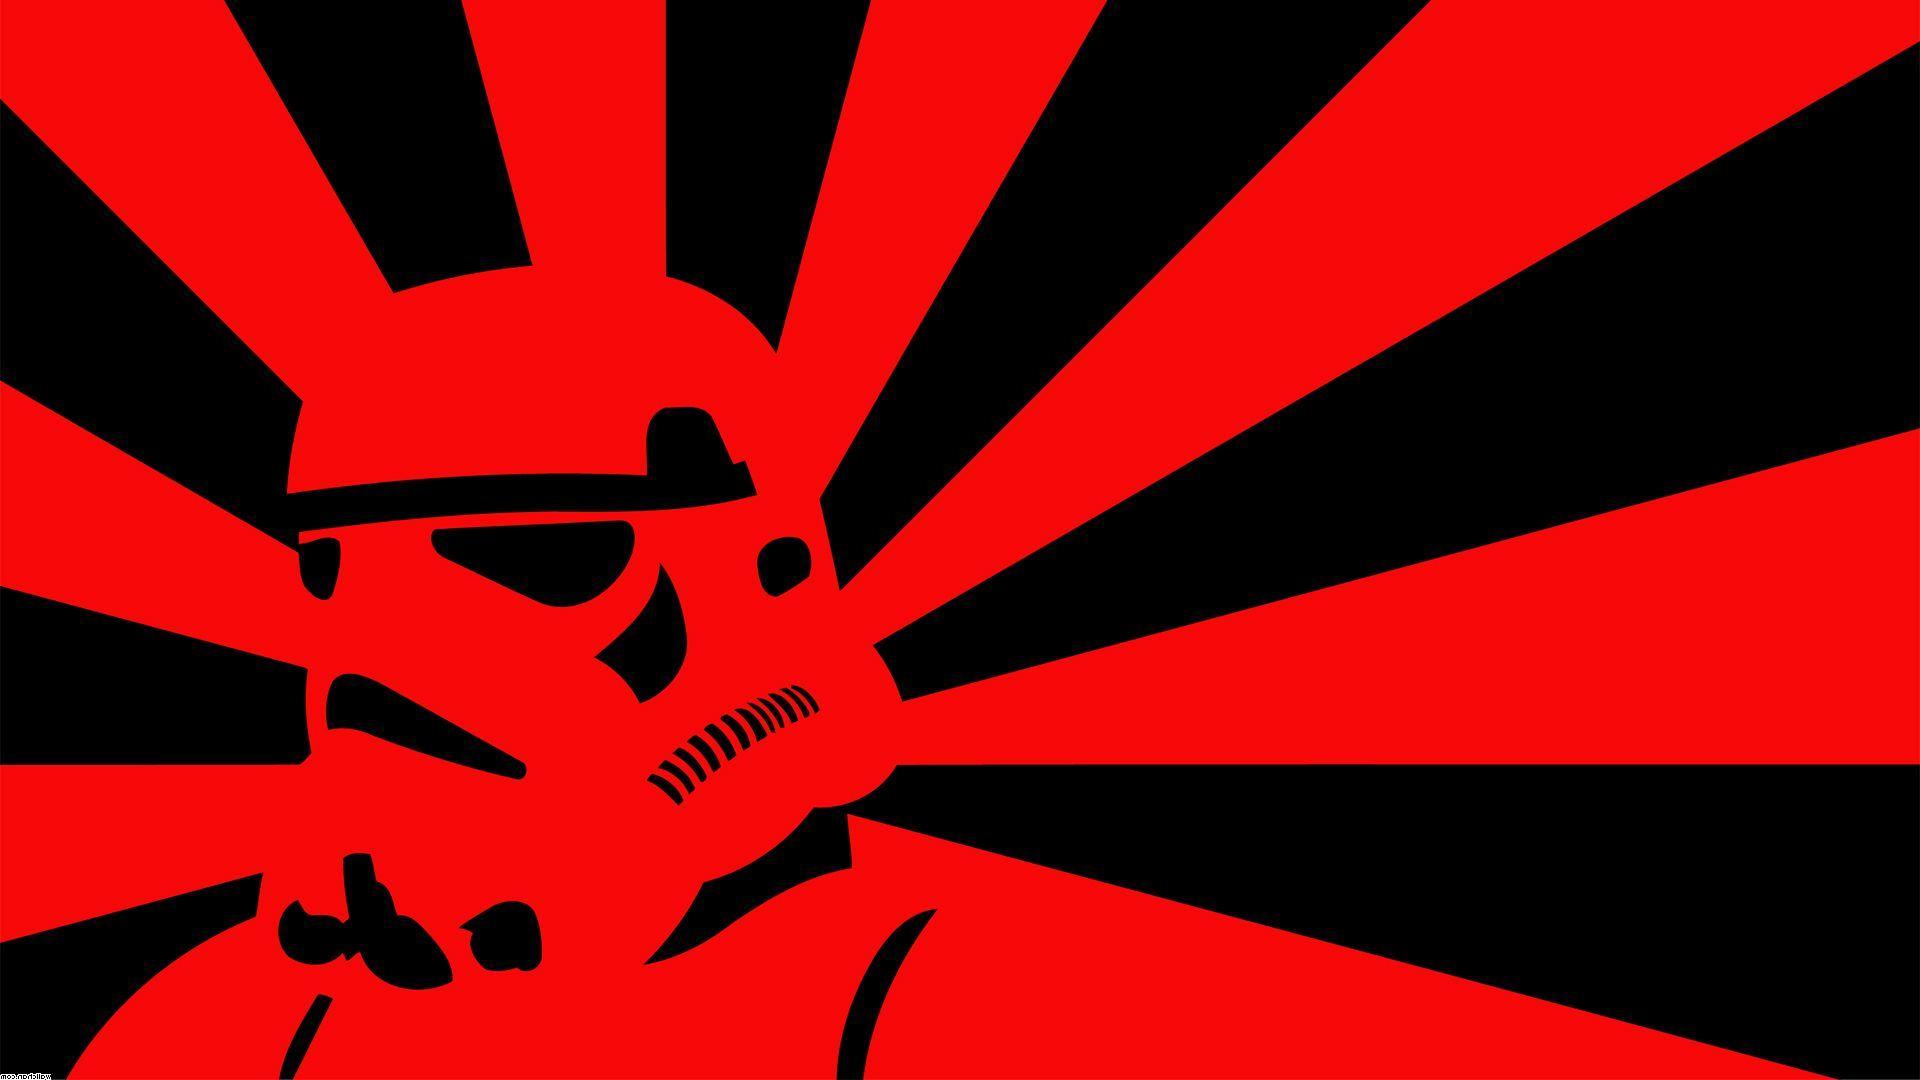 66 663398 red star wars background red star wars